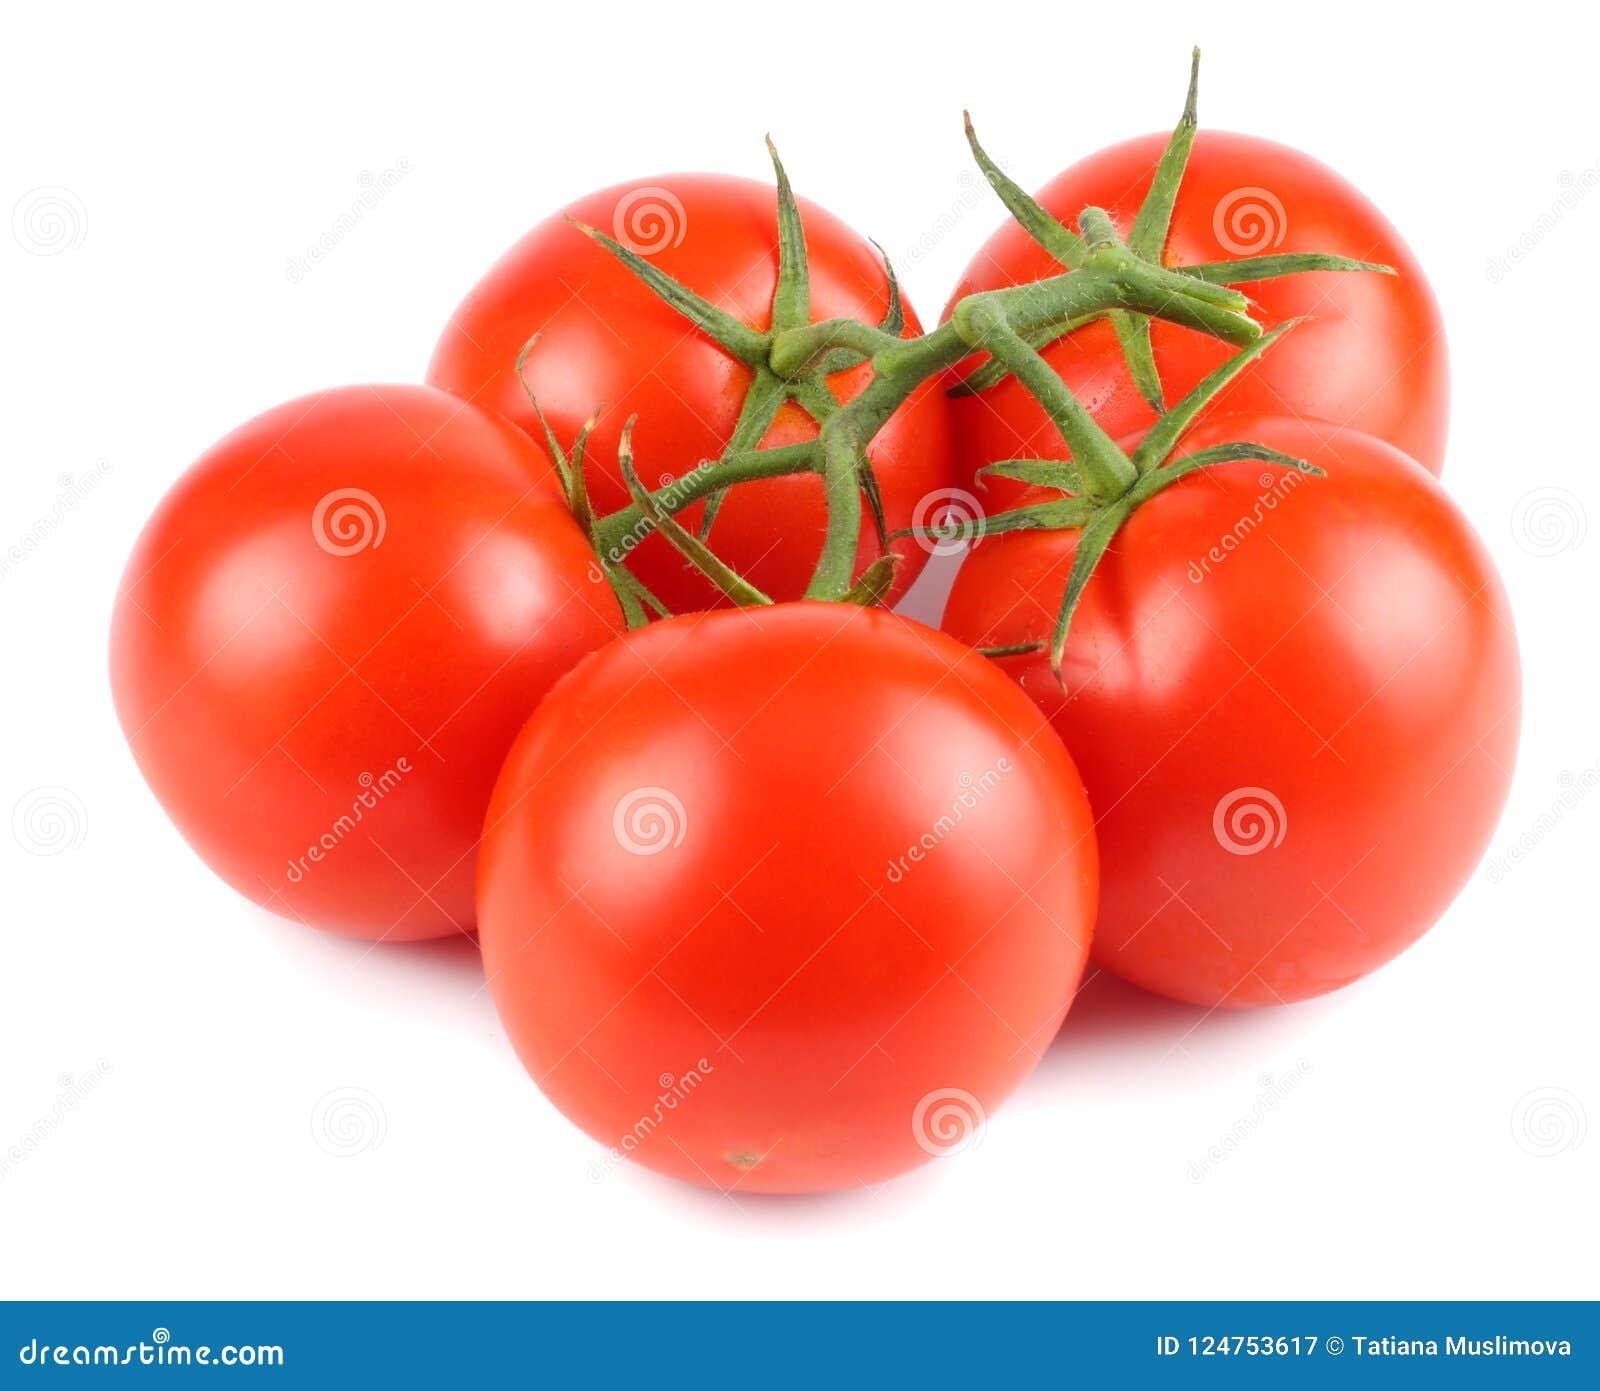 Pomodoro fresco isolato su priorità bassa bianca Fine in su